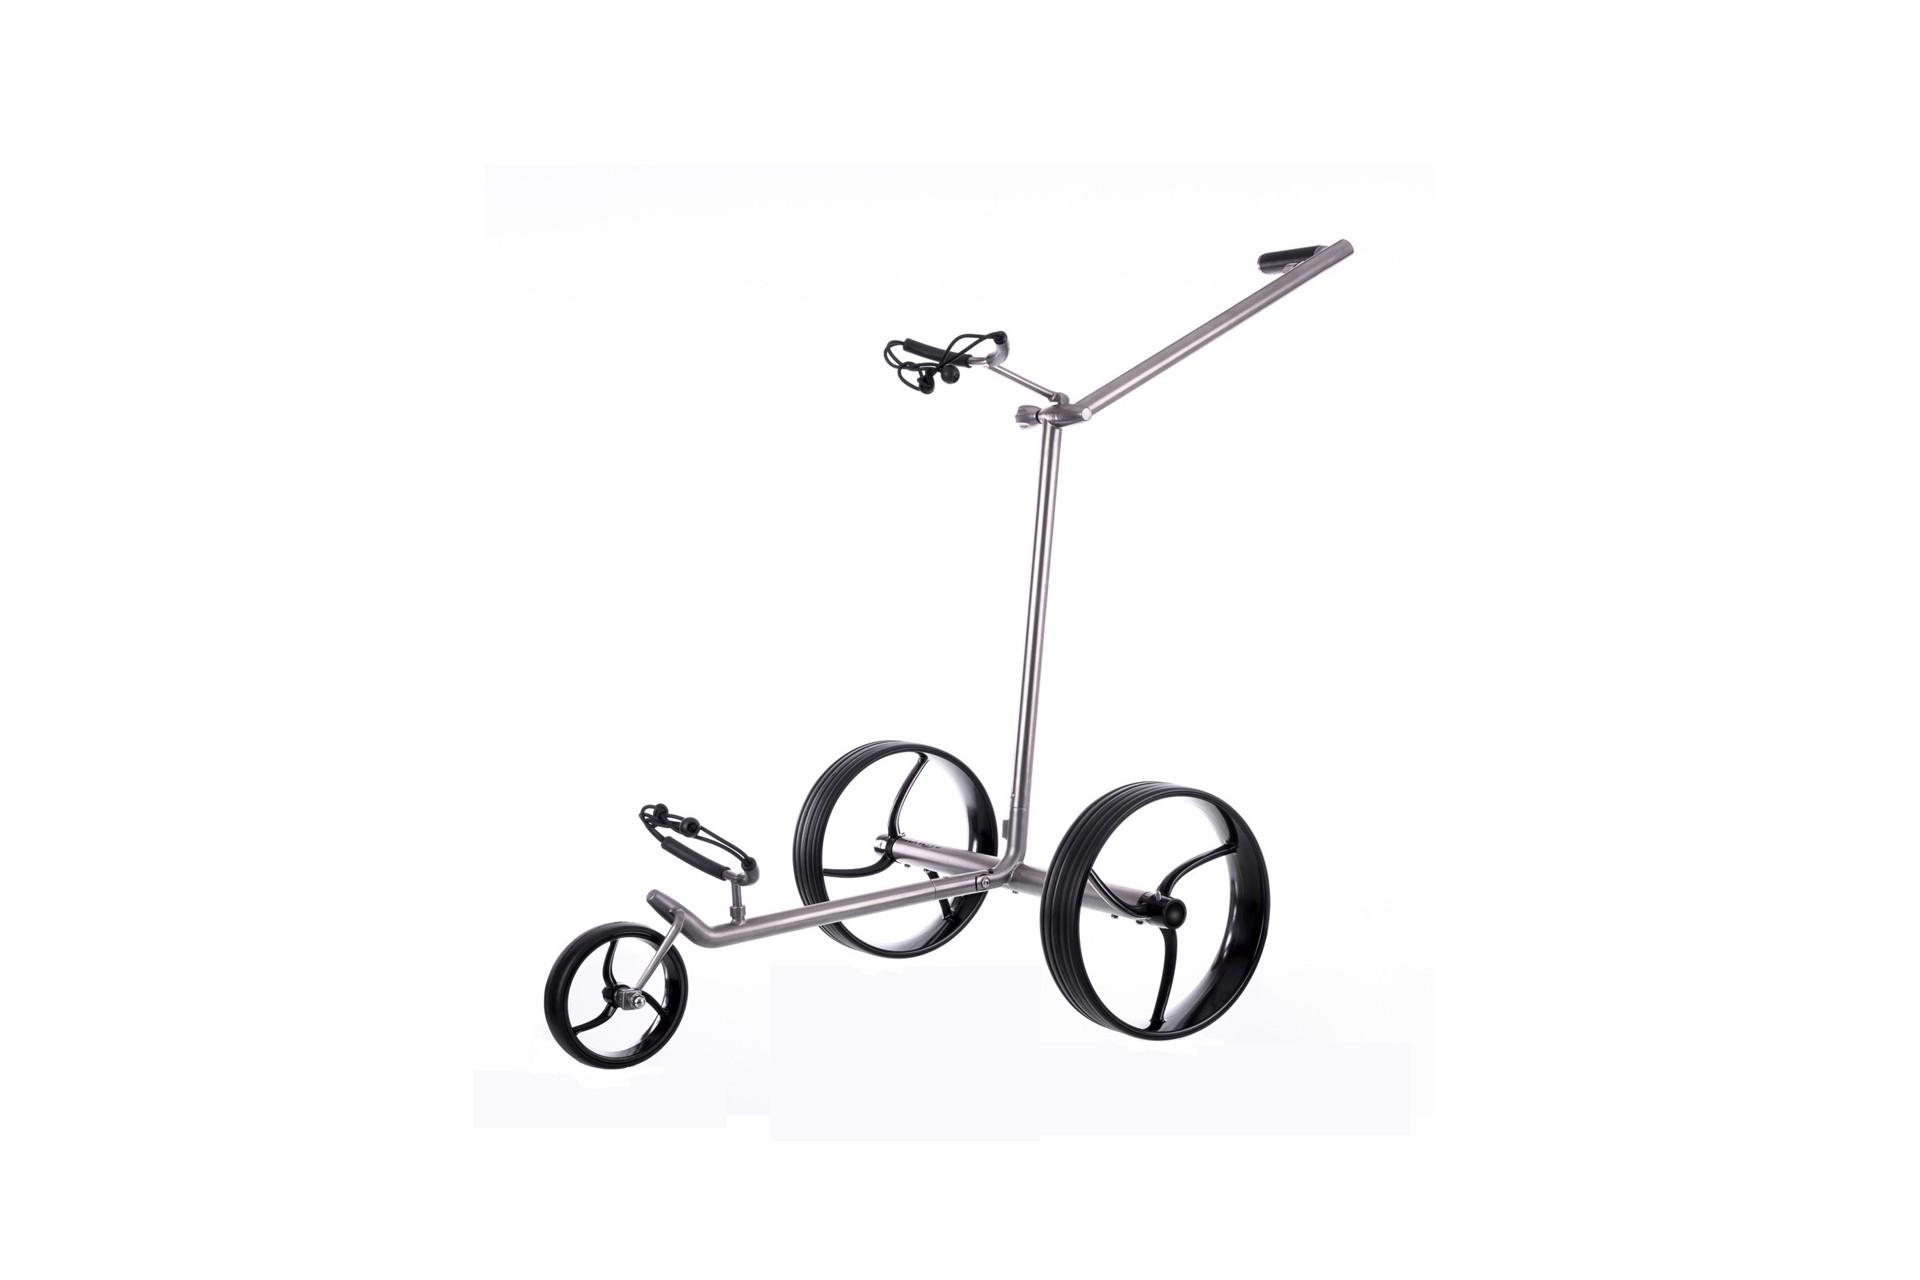 GALAXY Titan Elektro Golftrolley vor weissem Hintergrund in Szene gesetzt